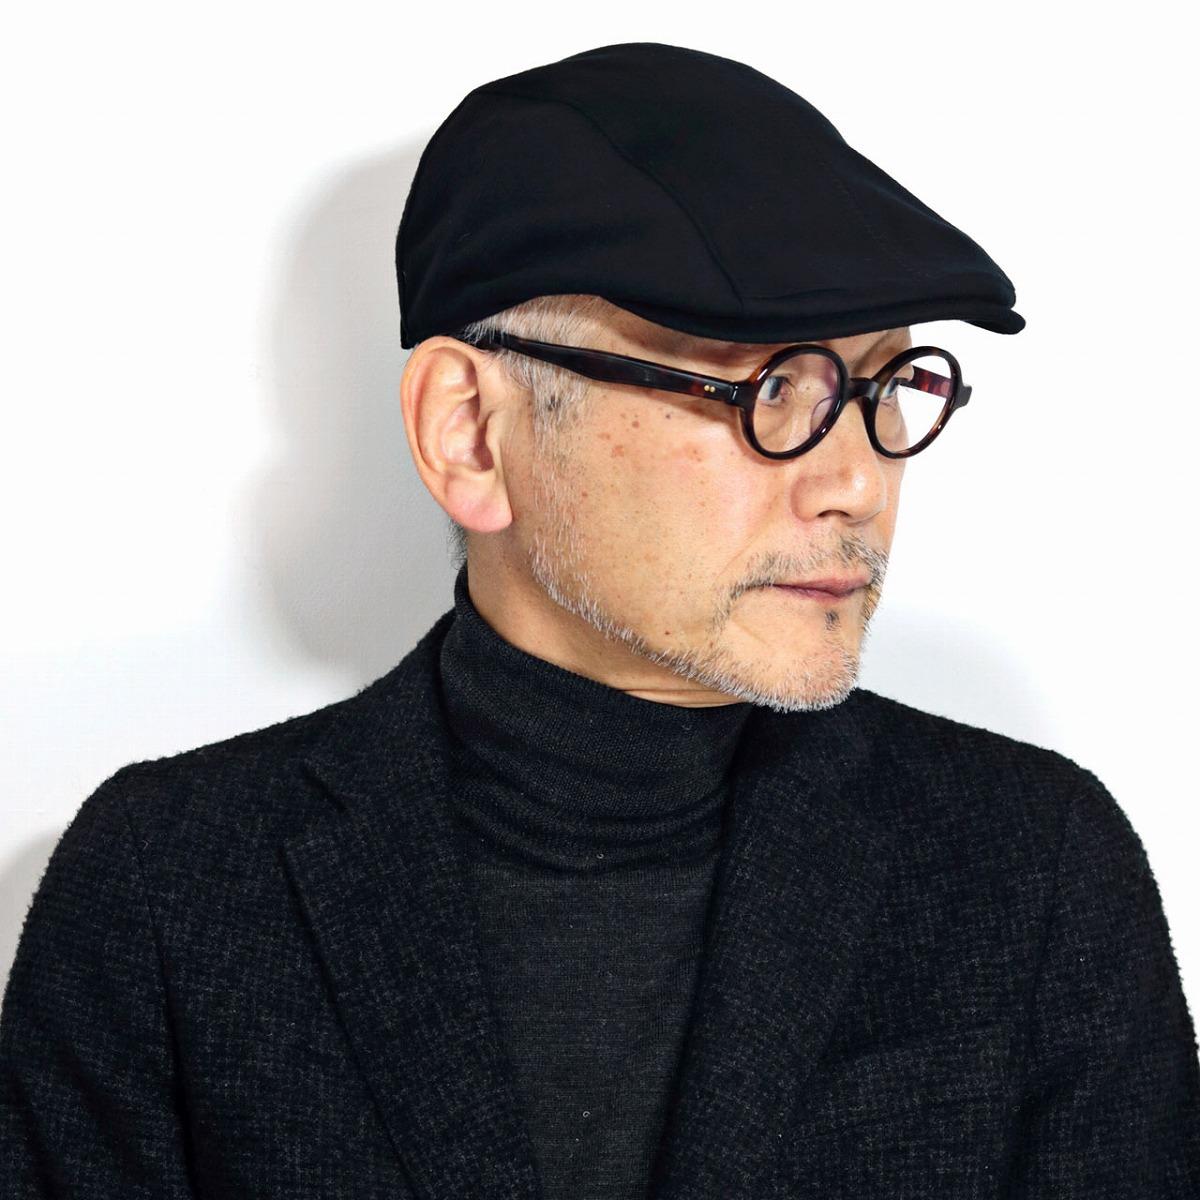 ハンチング帽子 スーパー180's DAKS ハンチング ウール100% 大きいサイズ 帽子 LLサイズあり ダックス メンズ アイビーキャップ 紳士帽子 秋冬 日本製 高品質 黒 ブラック[ ivy cap ]男性 誕生日 帽子 ギフト プレゼント ラッピング無料